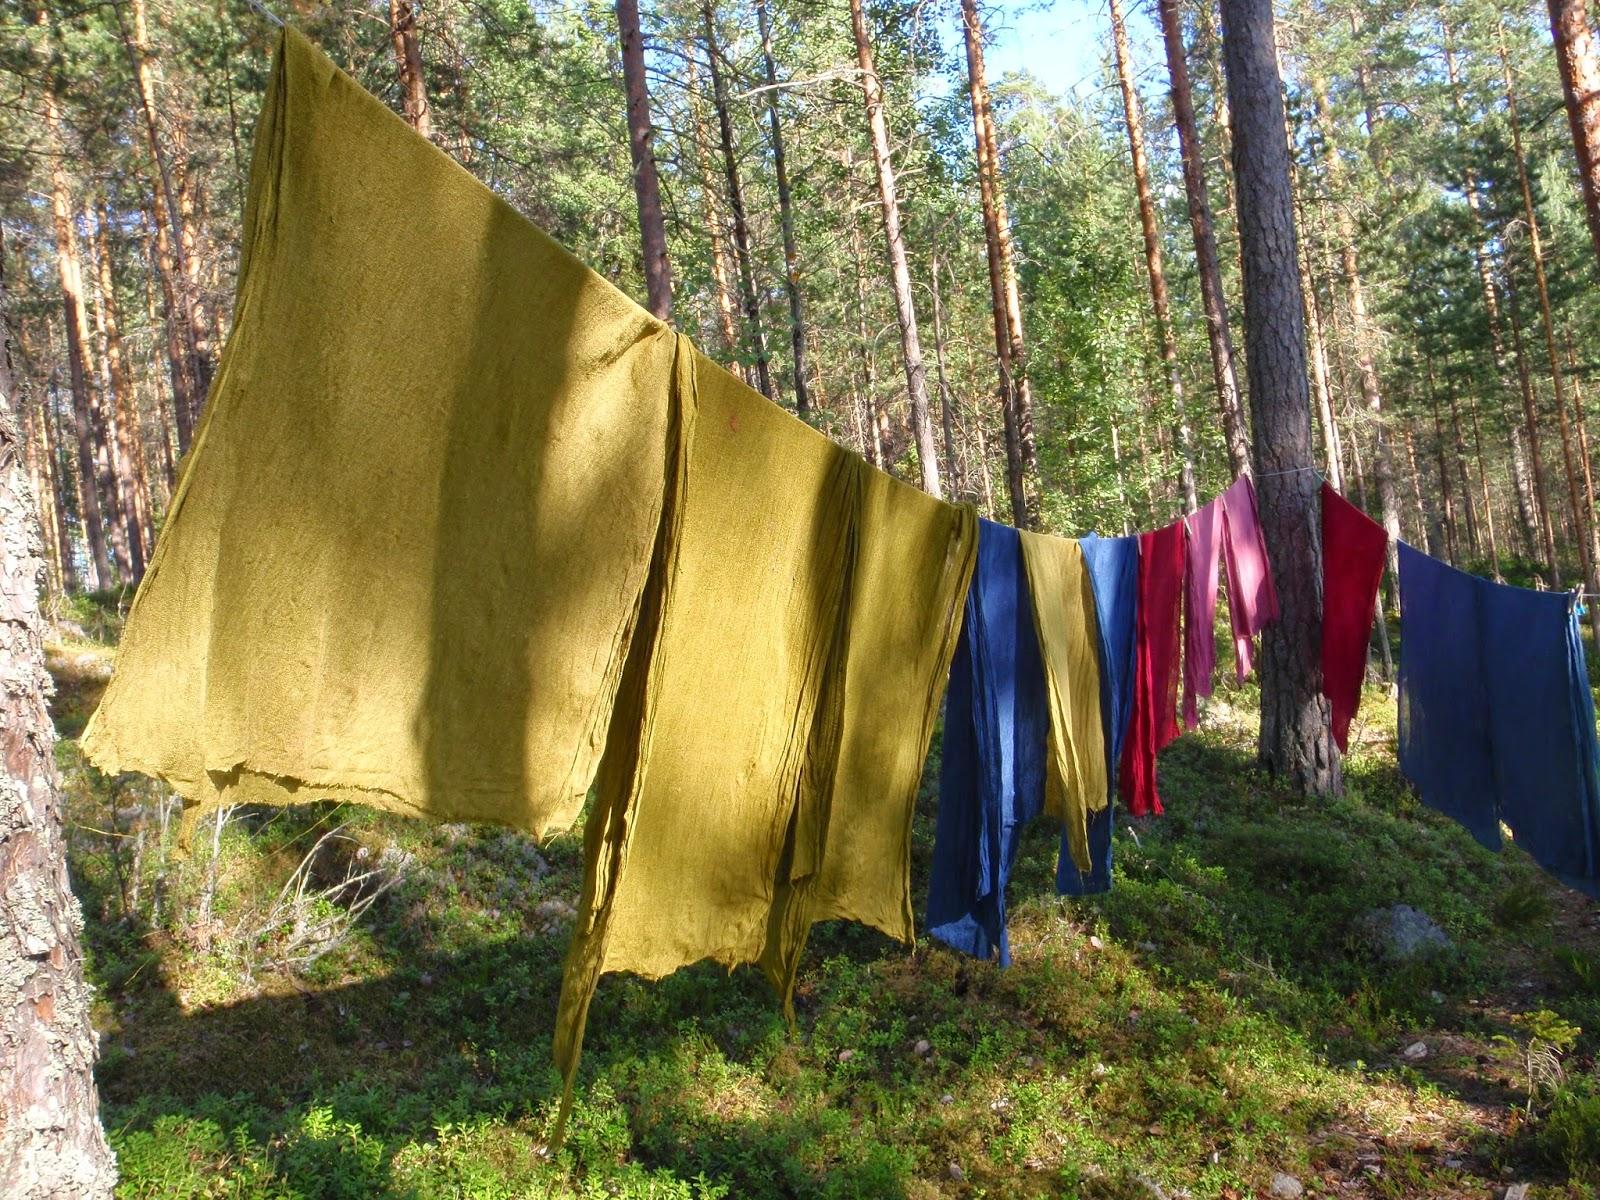 Vaatteiden värjäys ilman pesukonetta